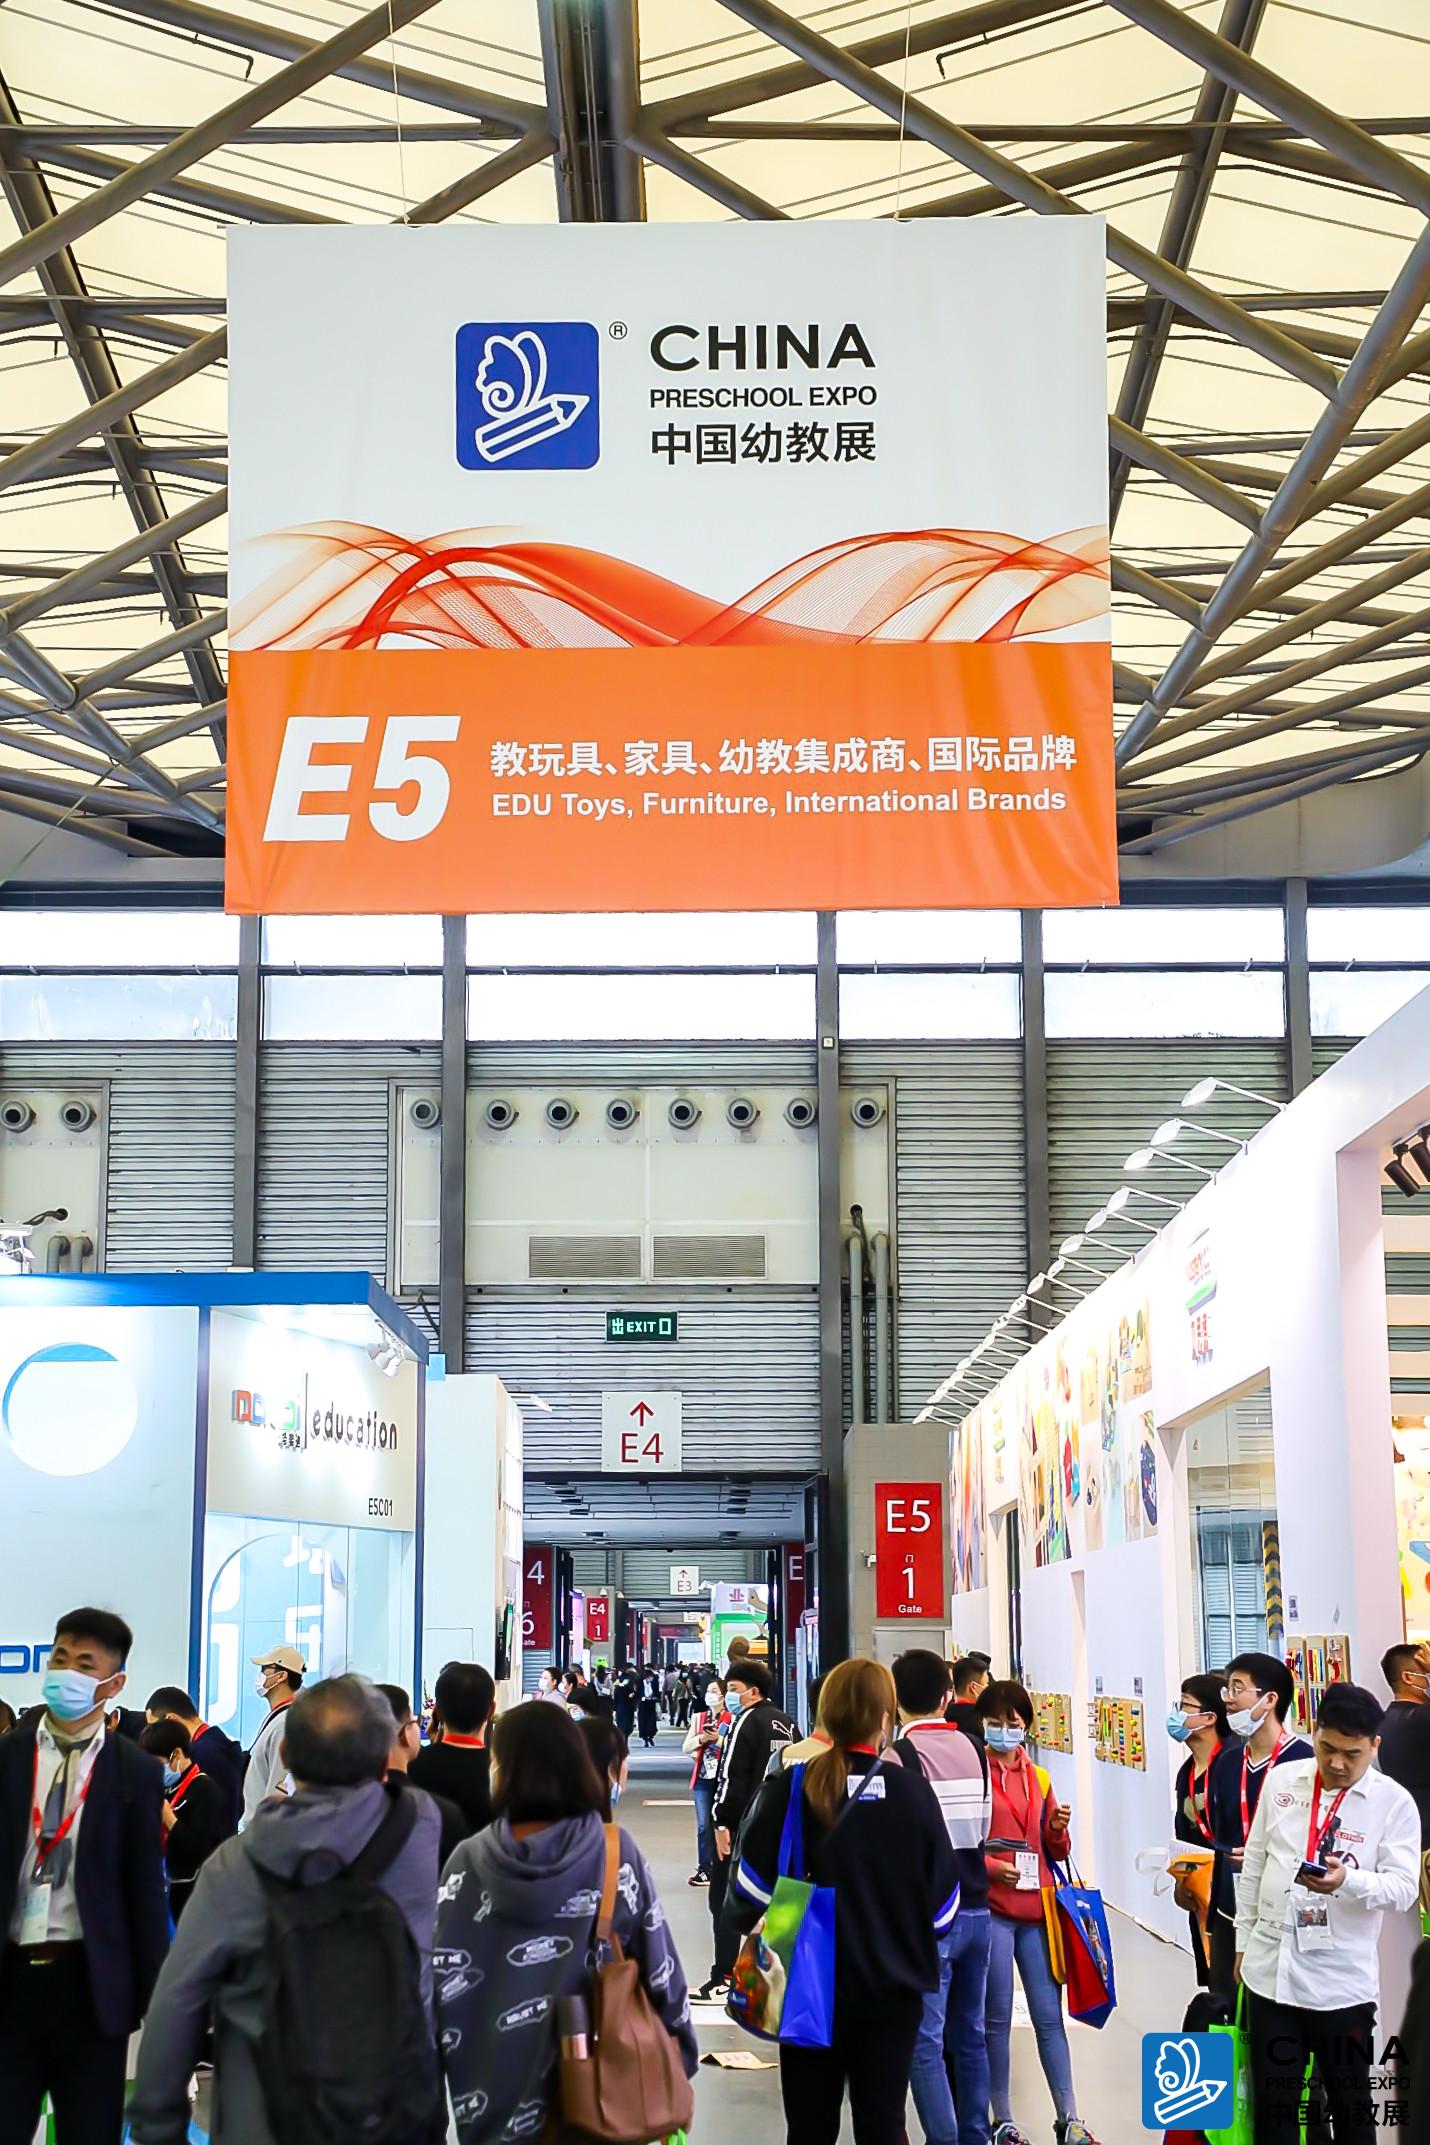 打造儿童教育全产业链新生态 CPE中国幼教展上海盛大开幕